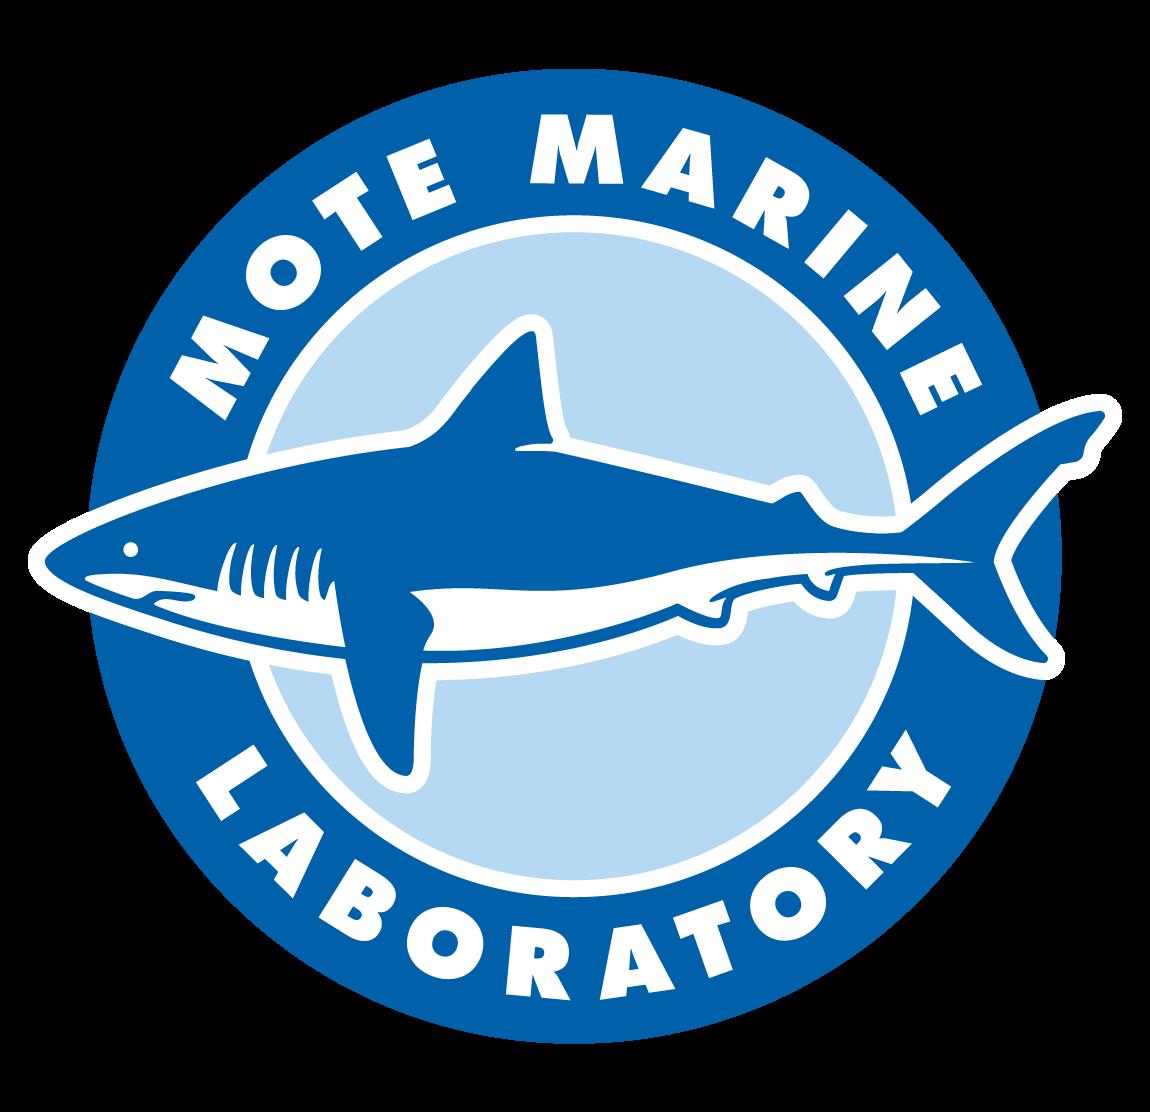 Mote Marine Laboratory - SEA Trek